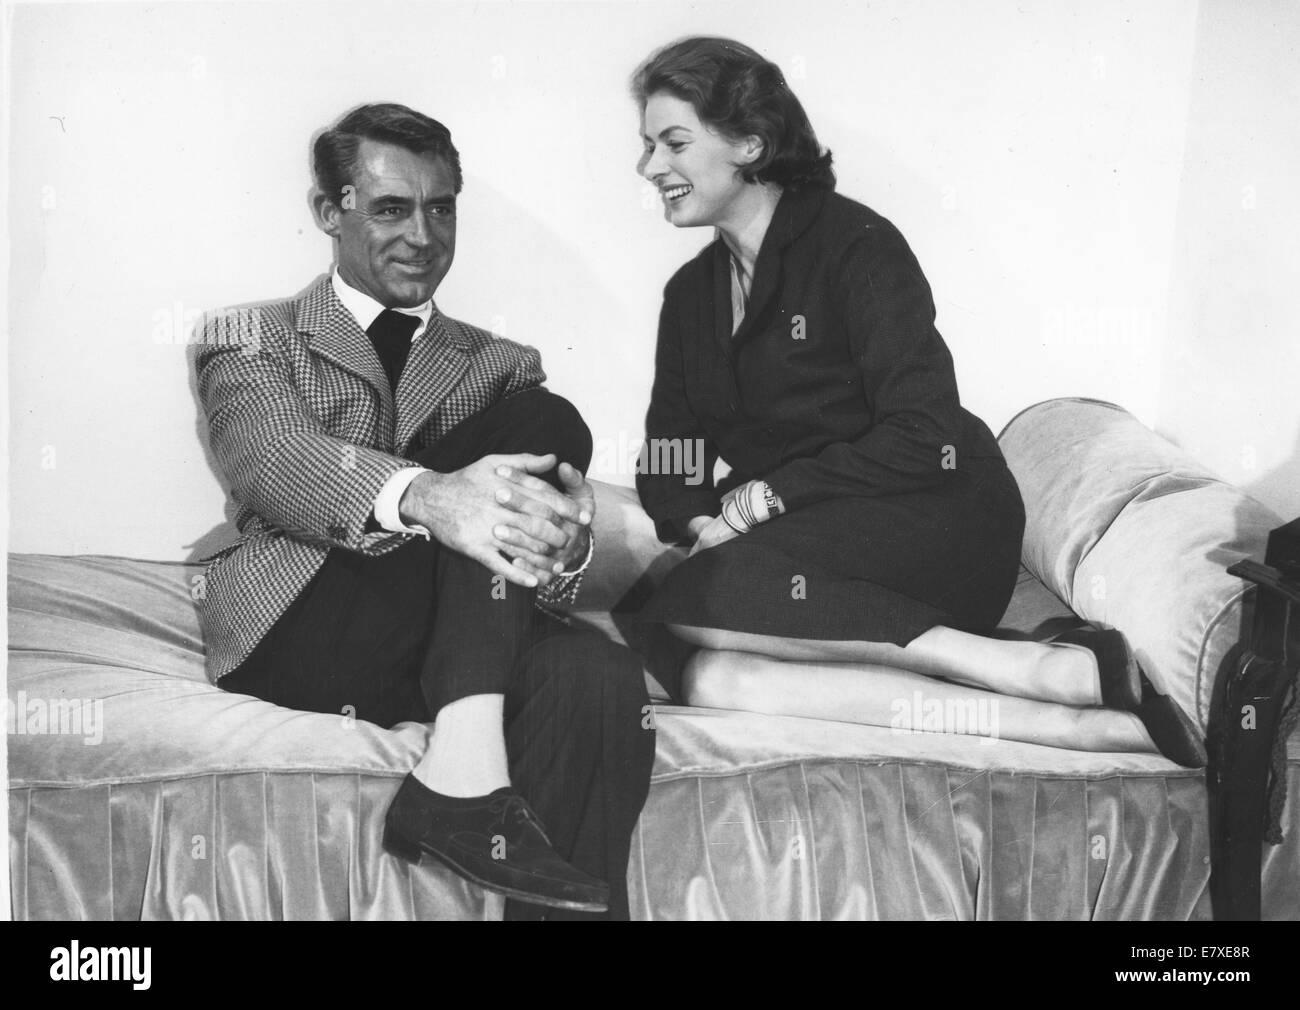 29 août 1982 - Ingrid Bergman (29 août 1915 - 29 août 1982) était une actrice suédoise qui a joué dans une variété de films européens et américains. Elle a remporté trois Oscars, deux Emmy Awards, quatre Golden Globe Awards et le Tony Award de la meilleure actrice. Elle est classée comme la quatrième plus grande star féminine du Cinéma Américain de tous les temps par l'American Film Institute. Elle est surtout connu pour ses rôles comme Ilsa Lund à Casablanca (1942), un drame de la Seconde Guerre mondiale, et qu'Alicia Huberman dans Notorious (1946), un thriller d'Alfred Hitchcock. Bergman est mort en 1982 pour son 67e anniversaire à Londres, de breas Banque D'Images